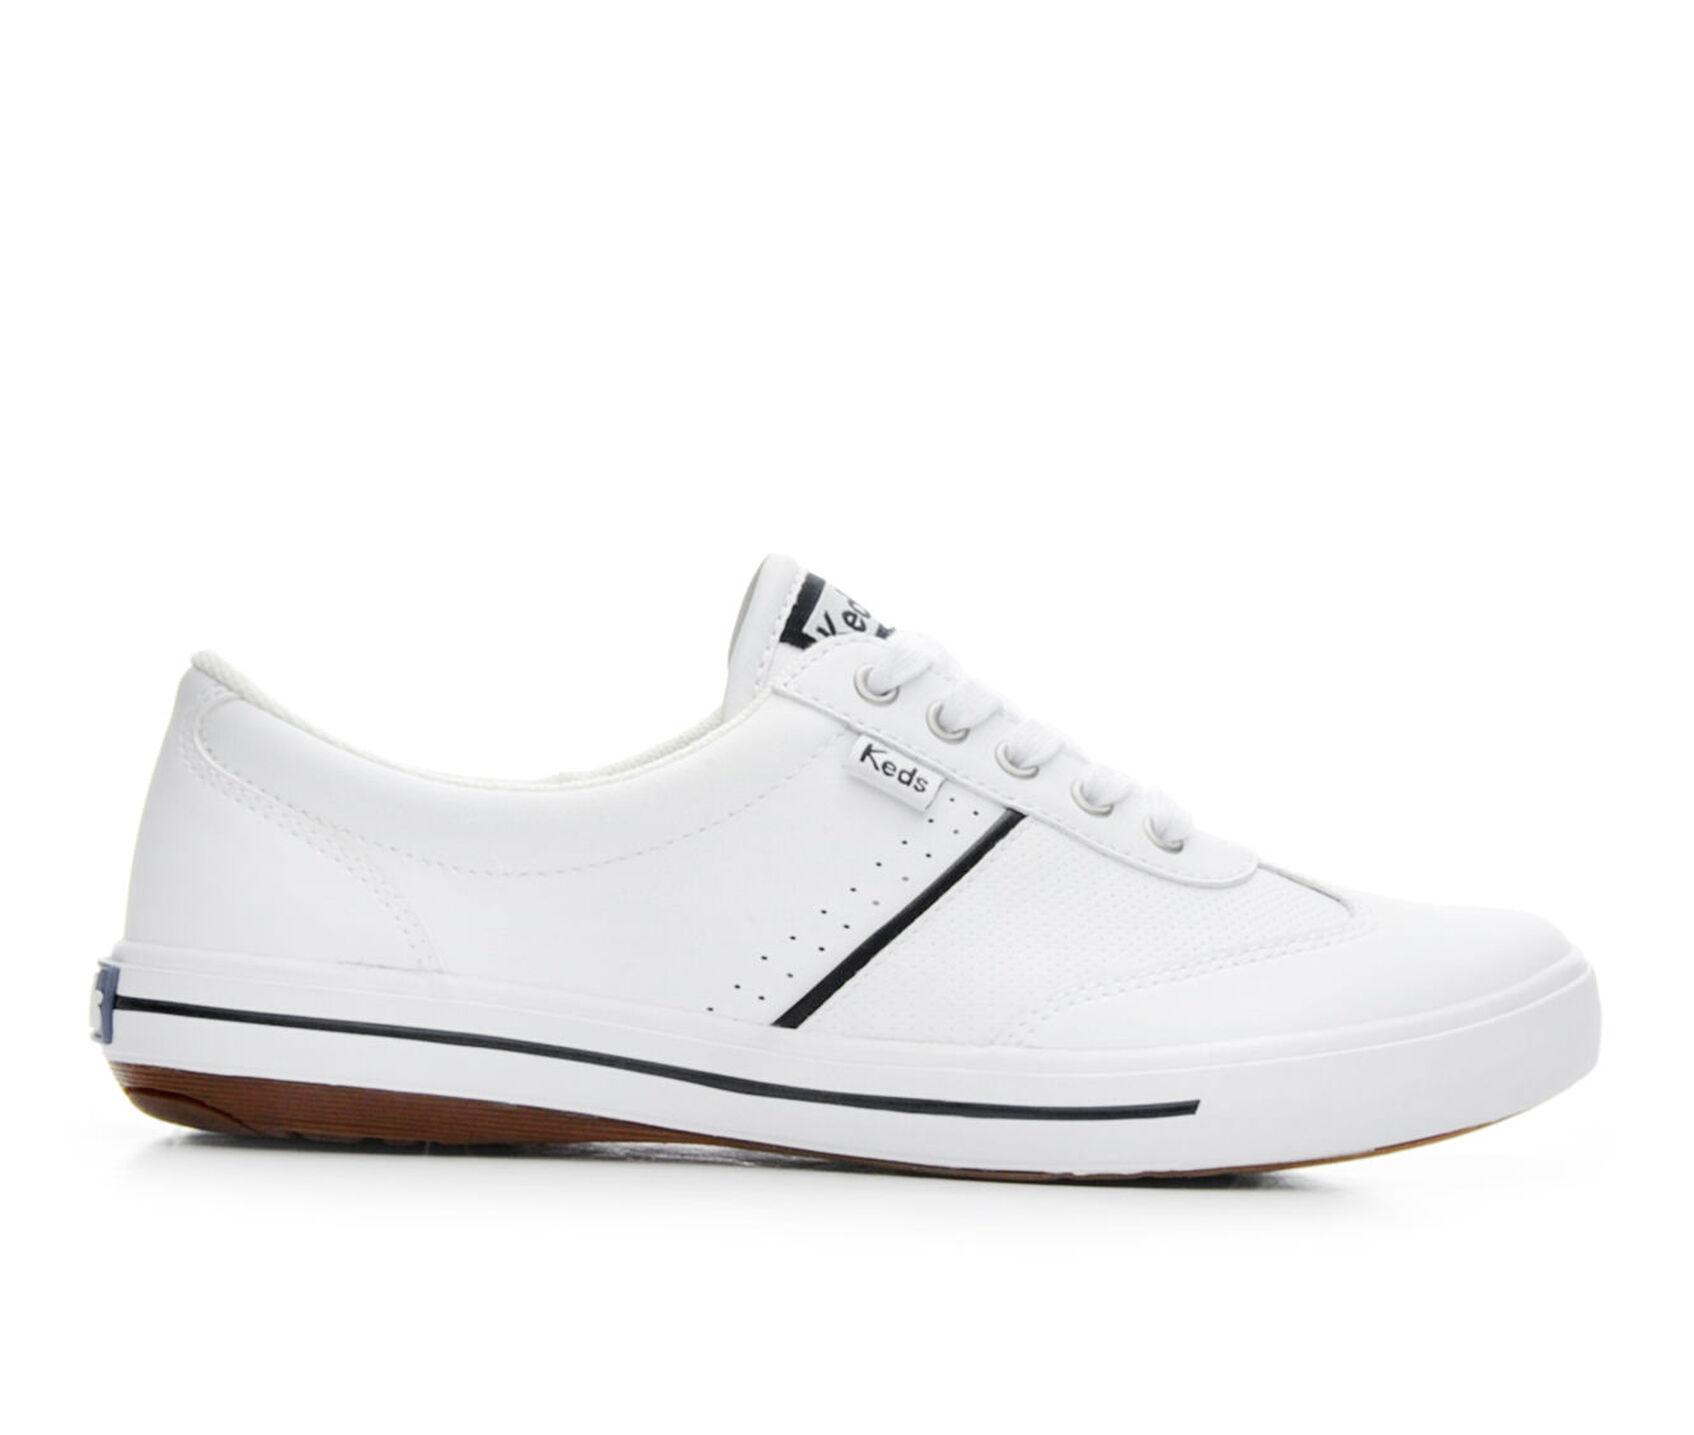 Black Keds Shoe Carnival